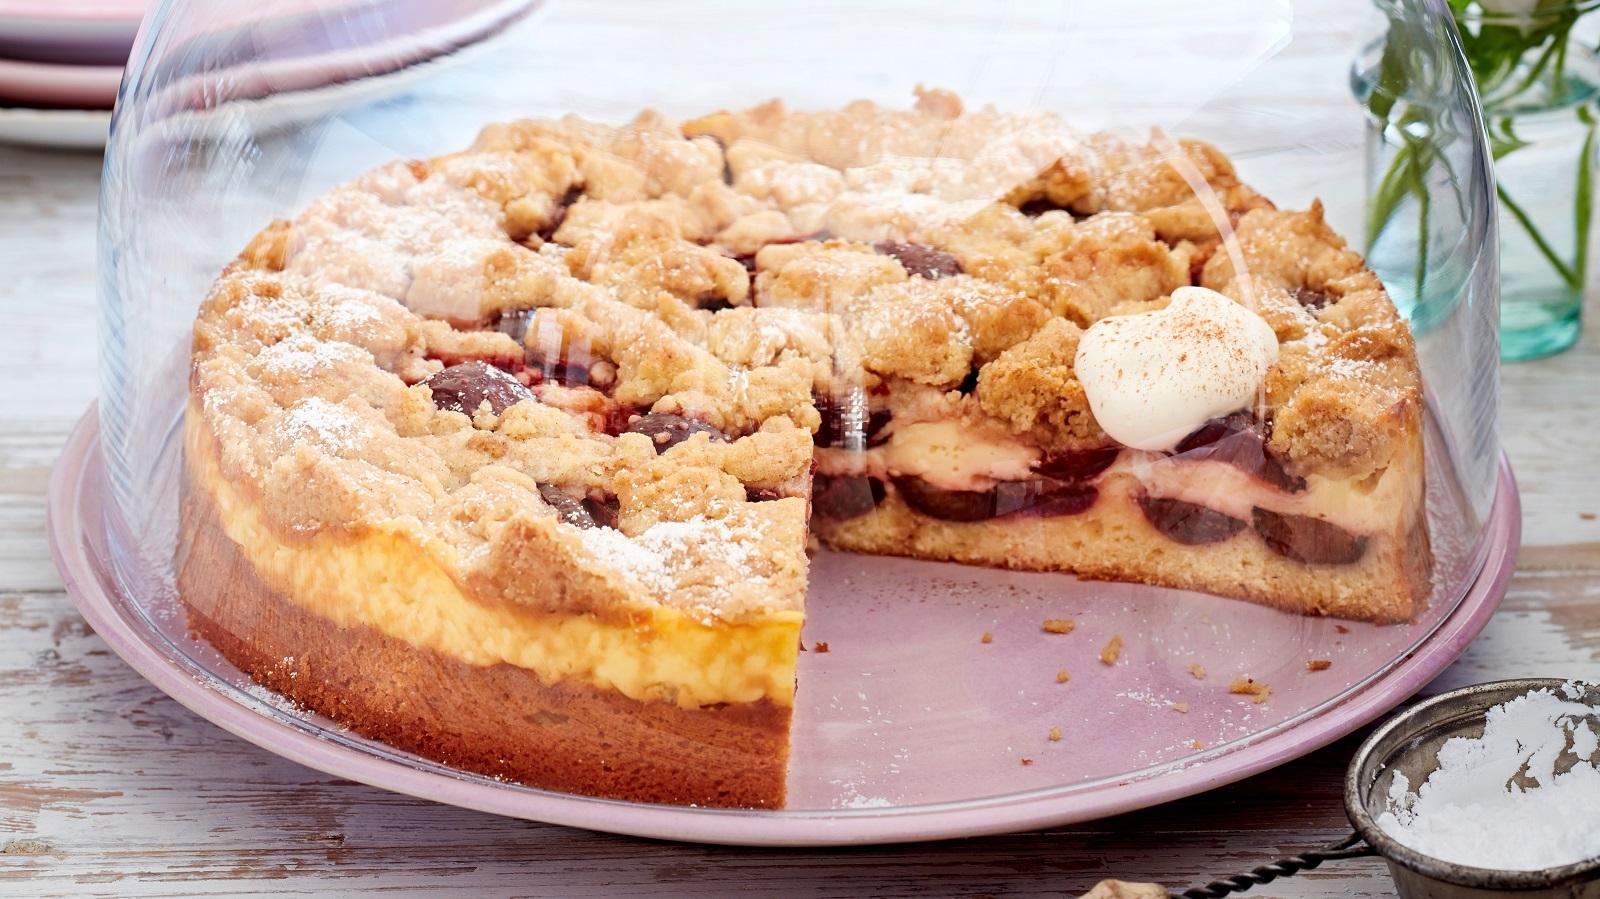 Ein angeschnittener Streuselkuchen mit Pflaumen und Zimt auf einem lila Teller bedeckt mit einer Glas-Glocke neben einer kleinen Schüssel Puderzucker vor einem hellen Hintergrund.